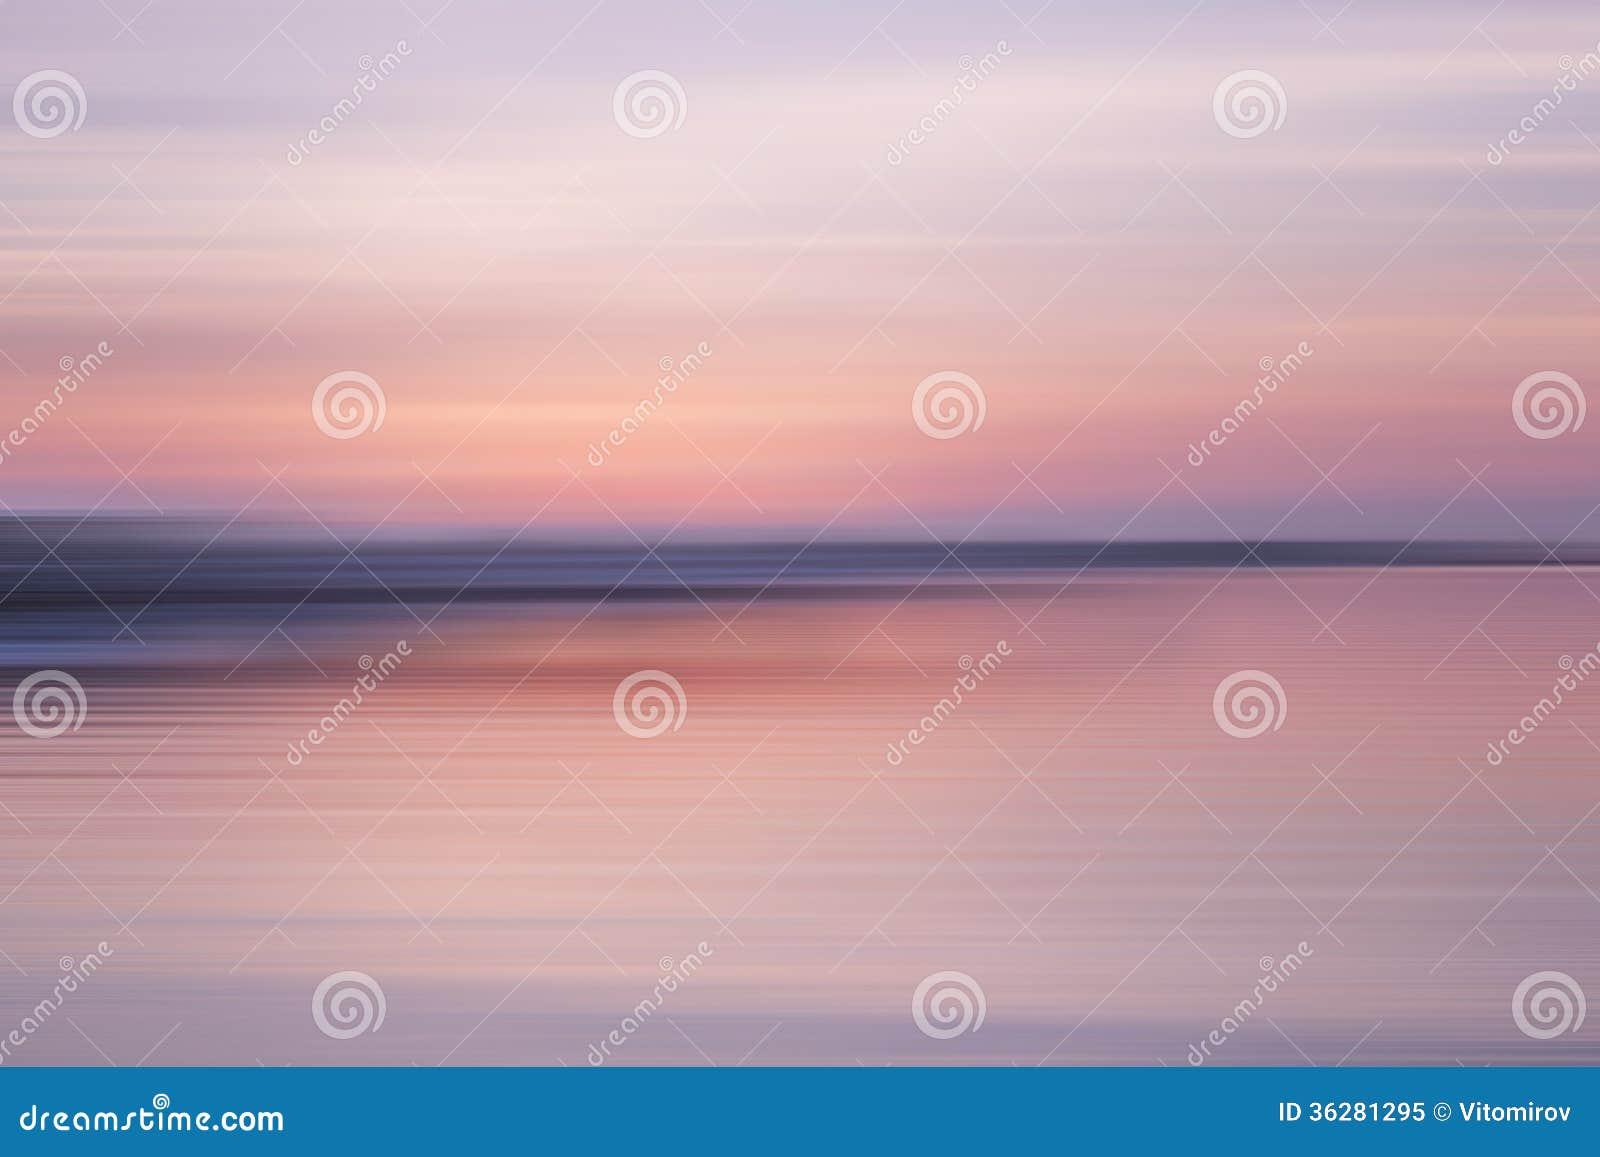 motion blur sea - photo #27